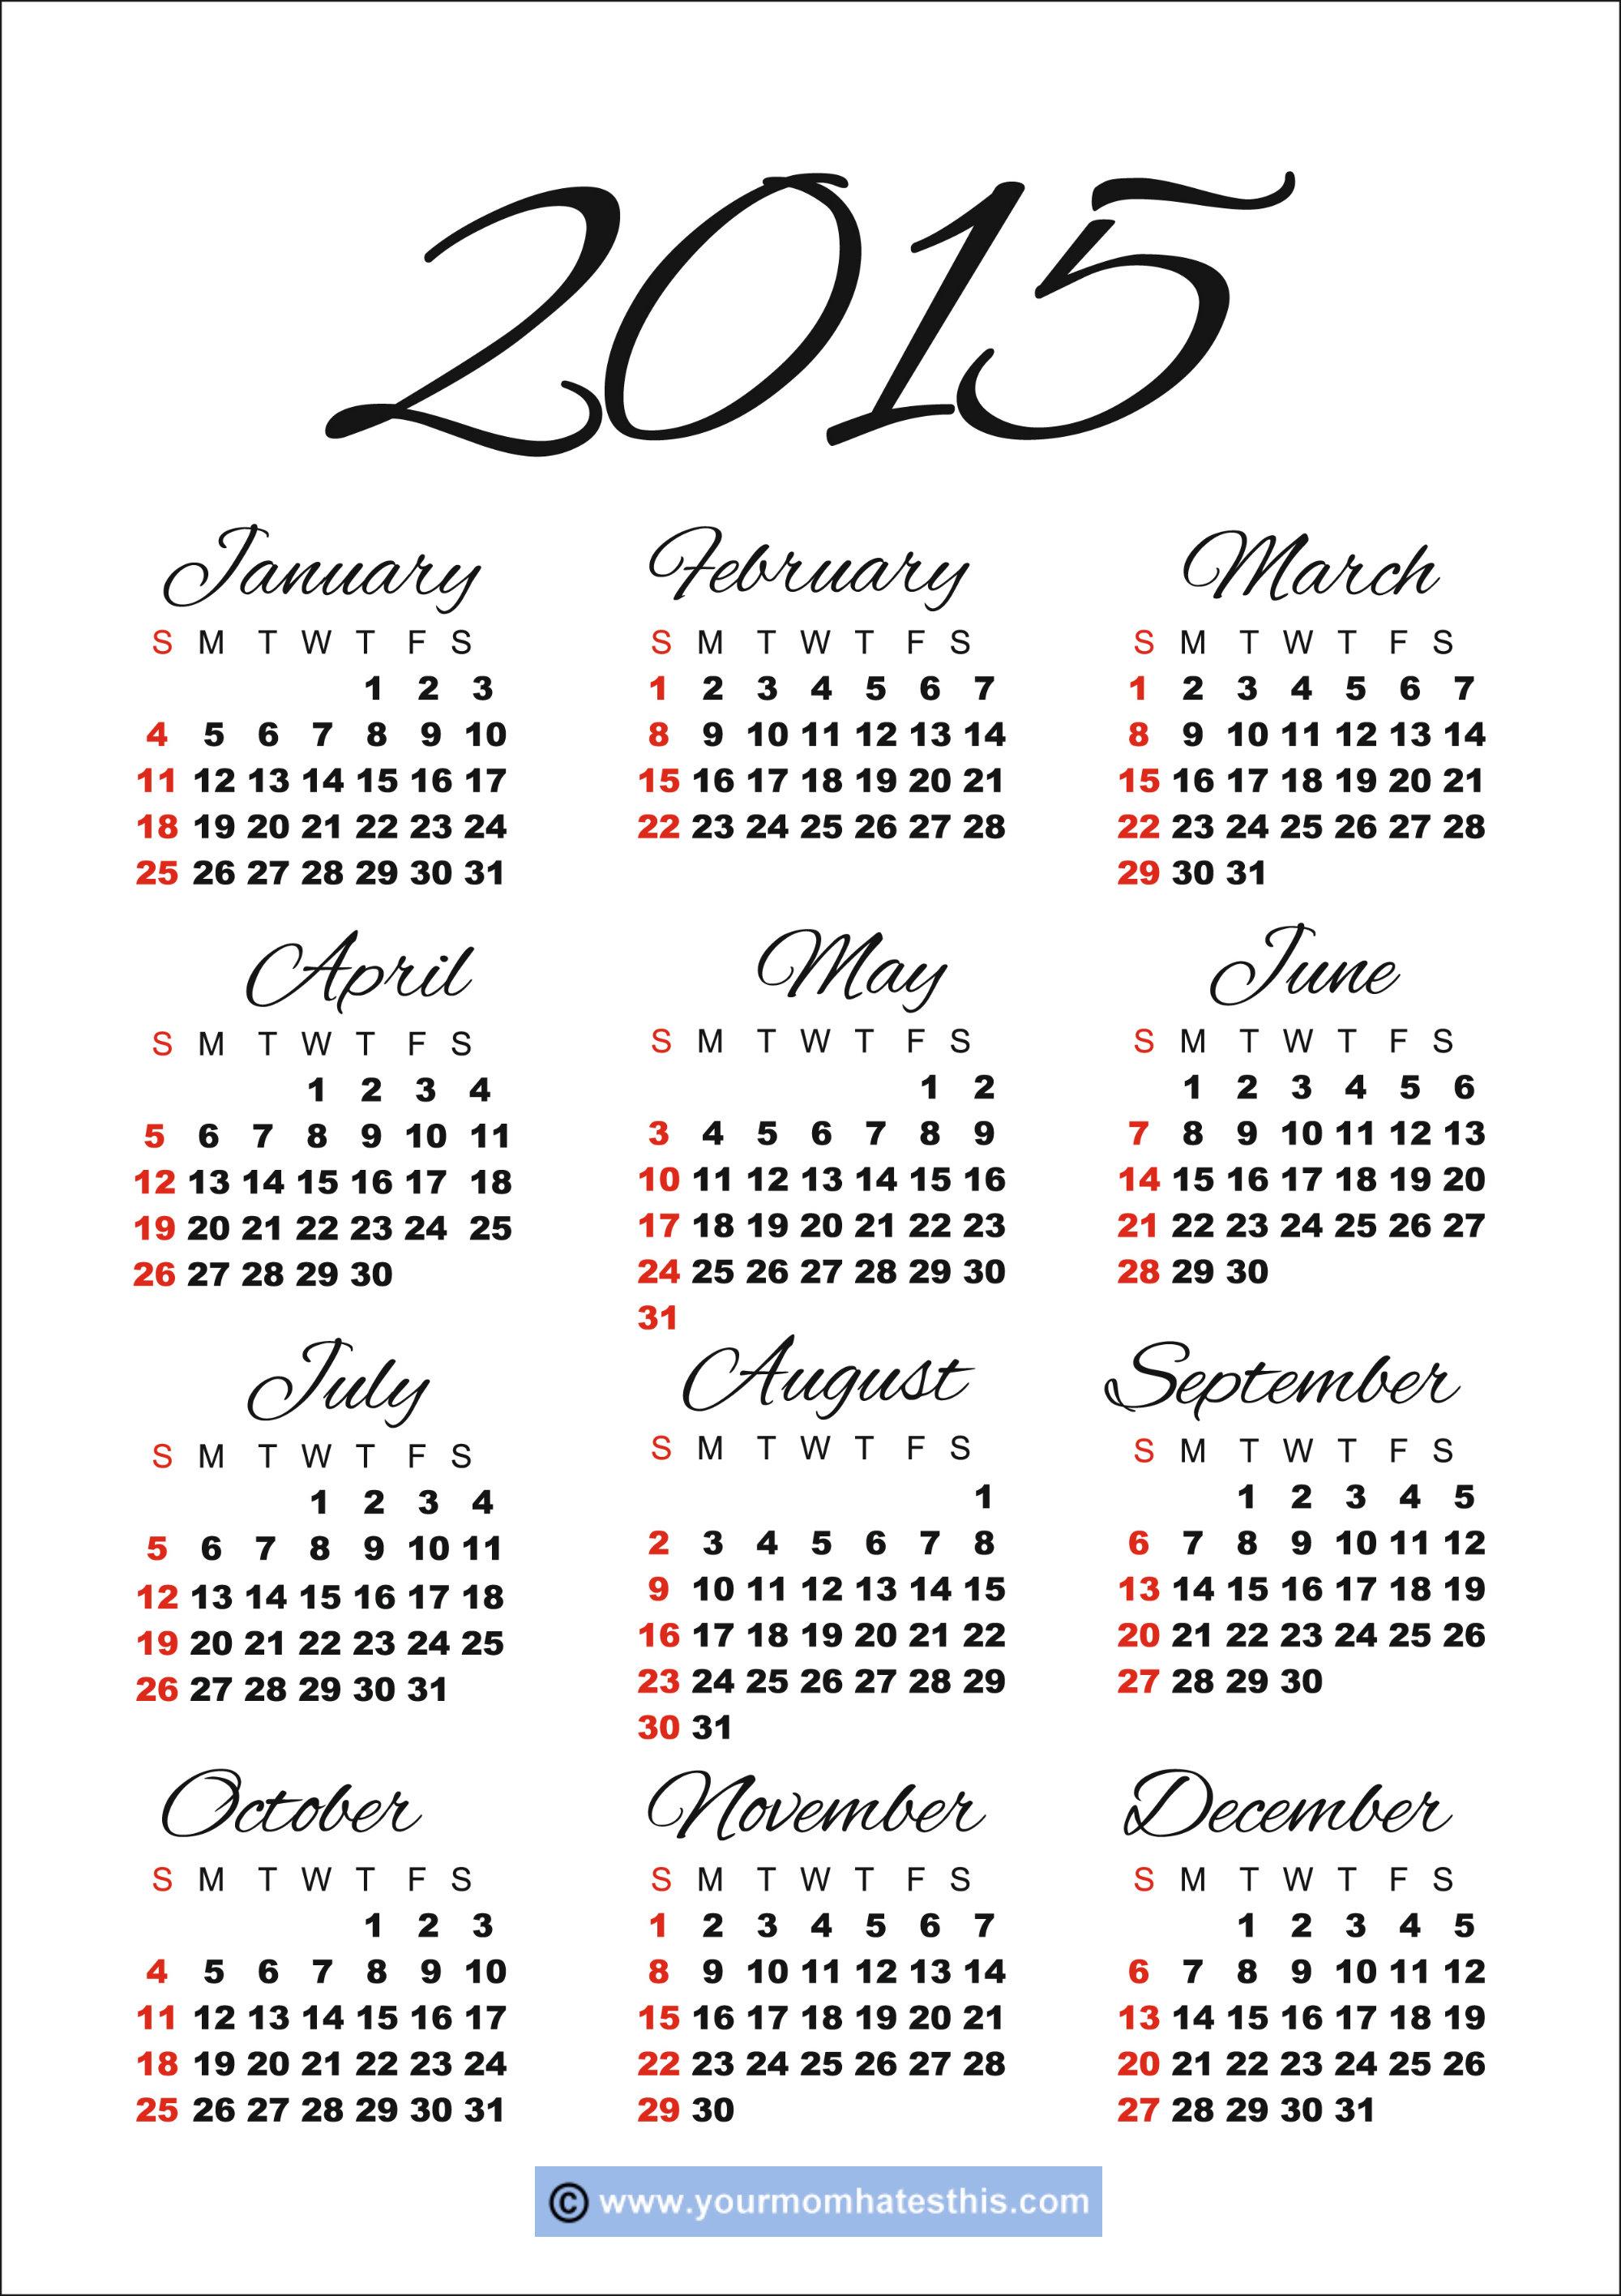 2015 Calendar Templates & Images inside 2014 12 Month Blank Calendar